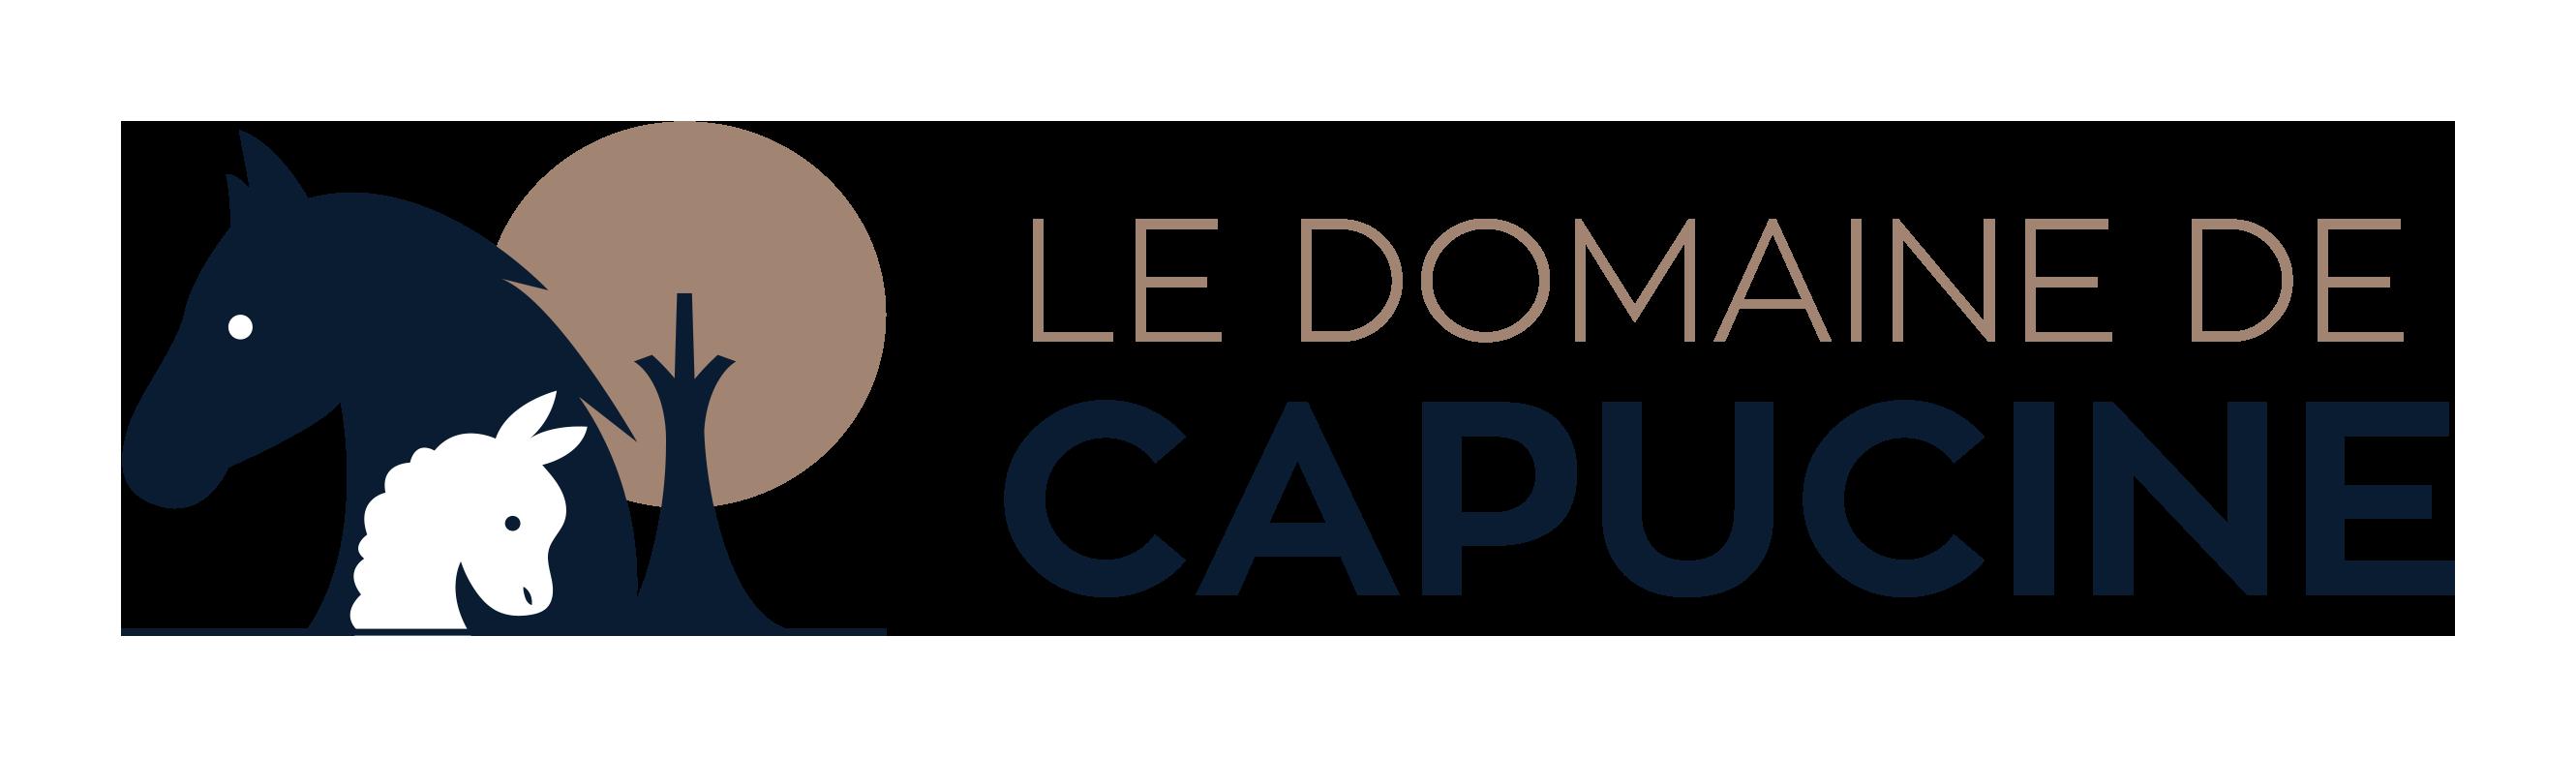 Domaine de Capucine